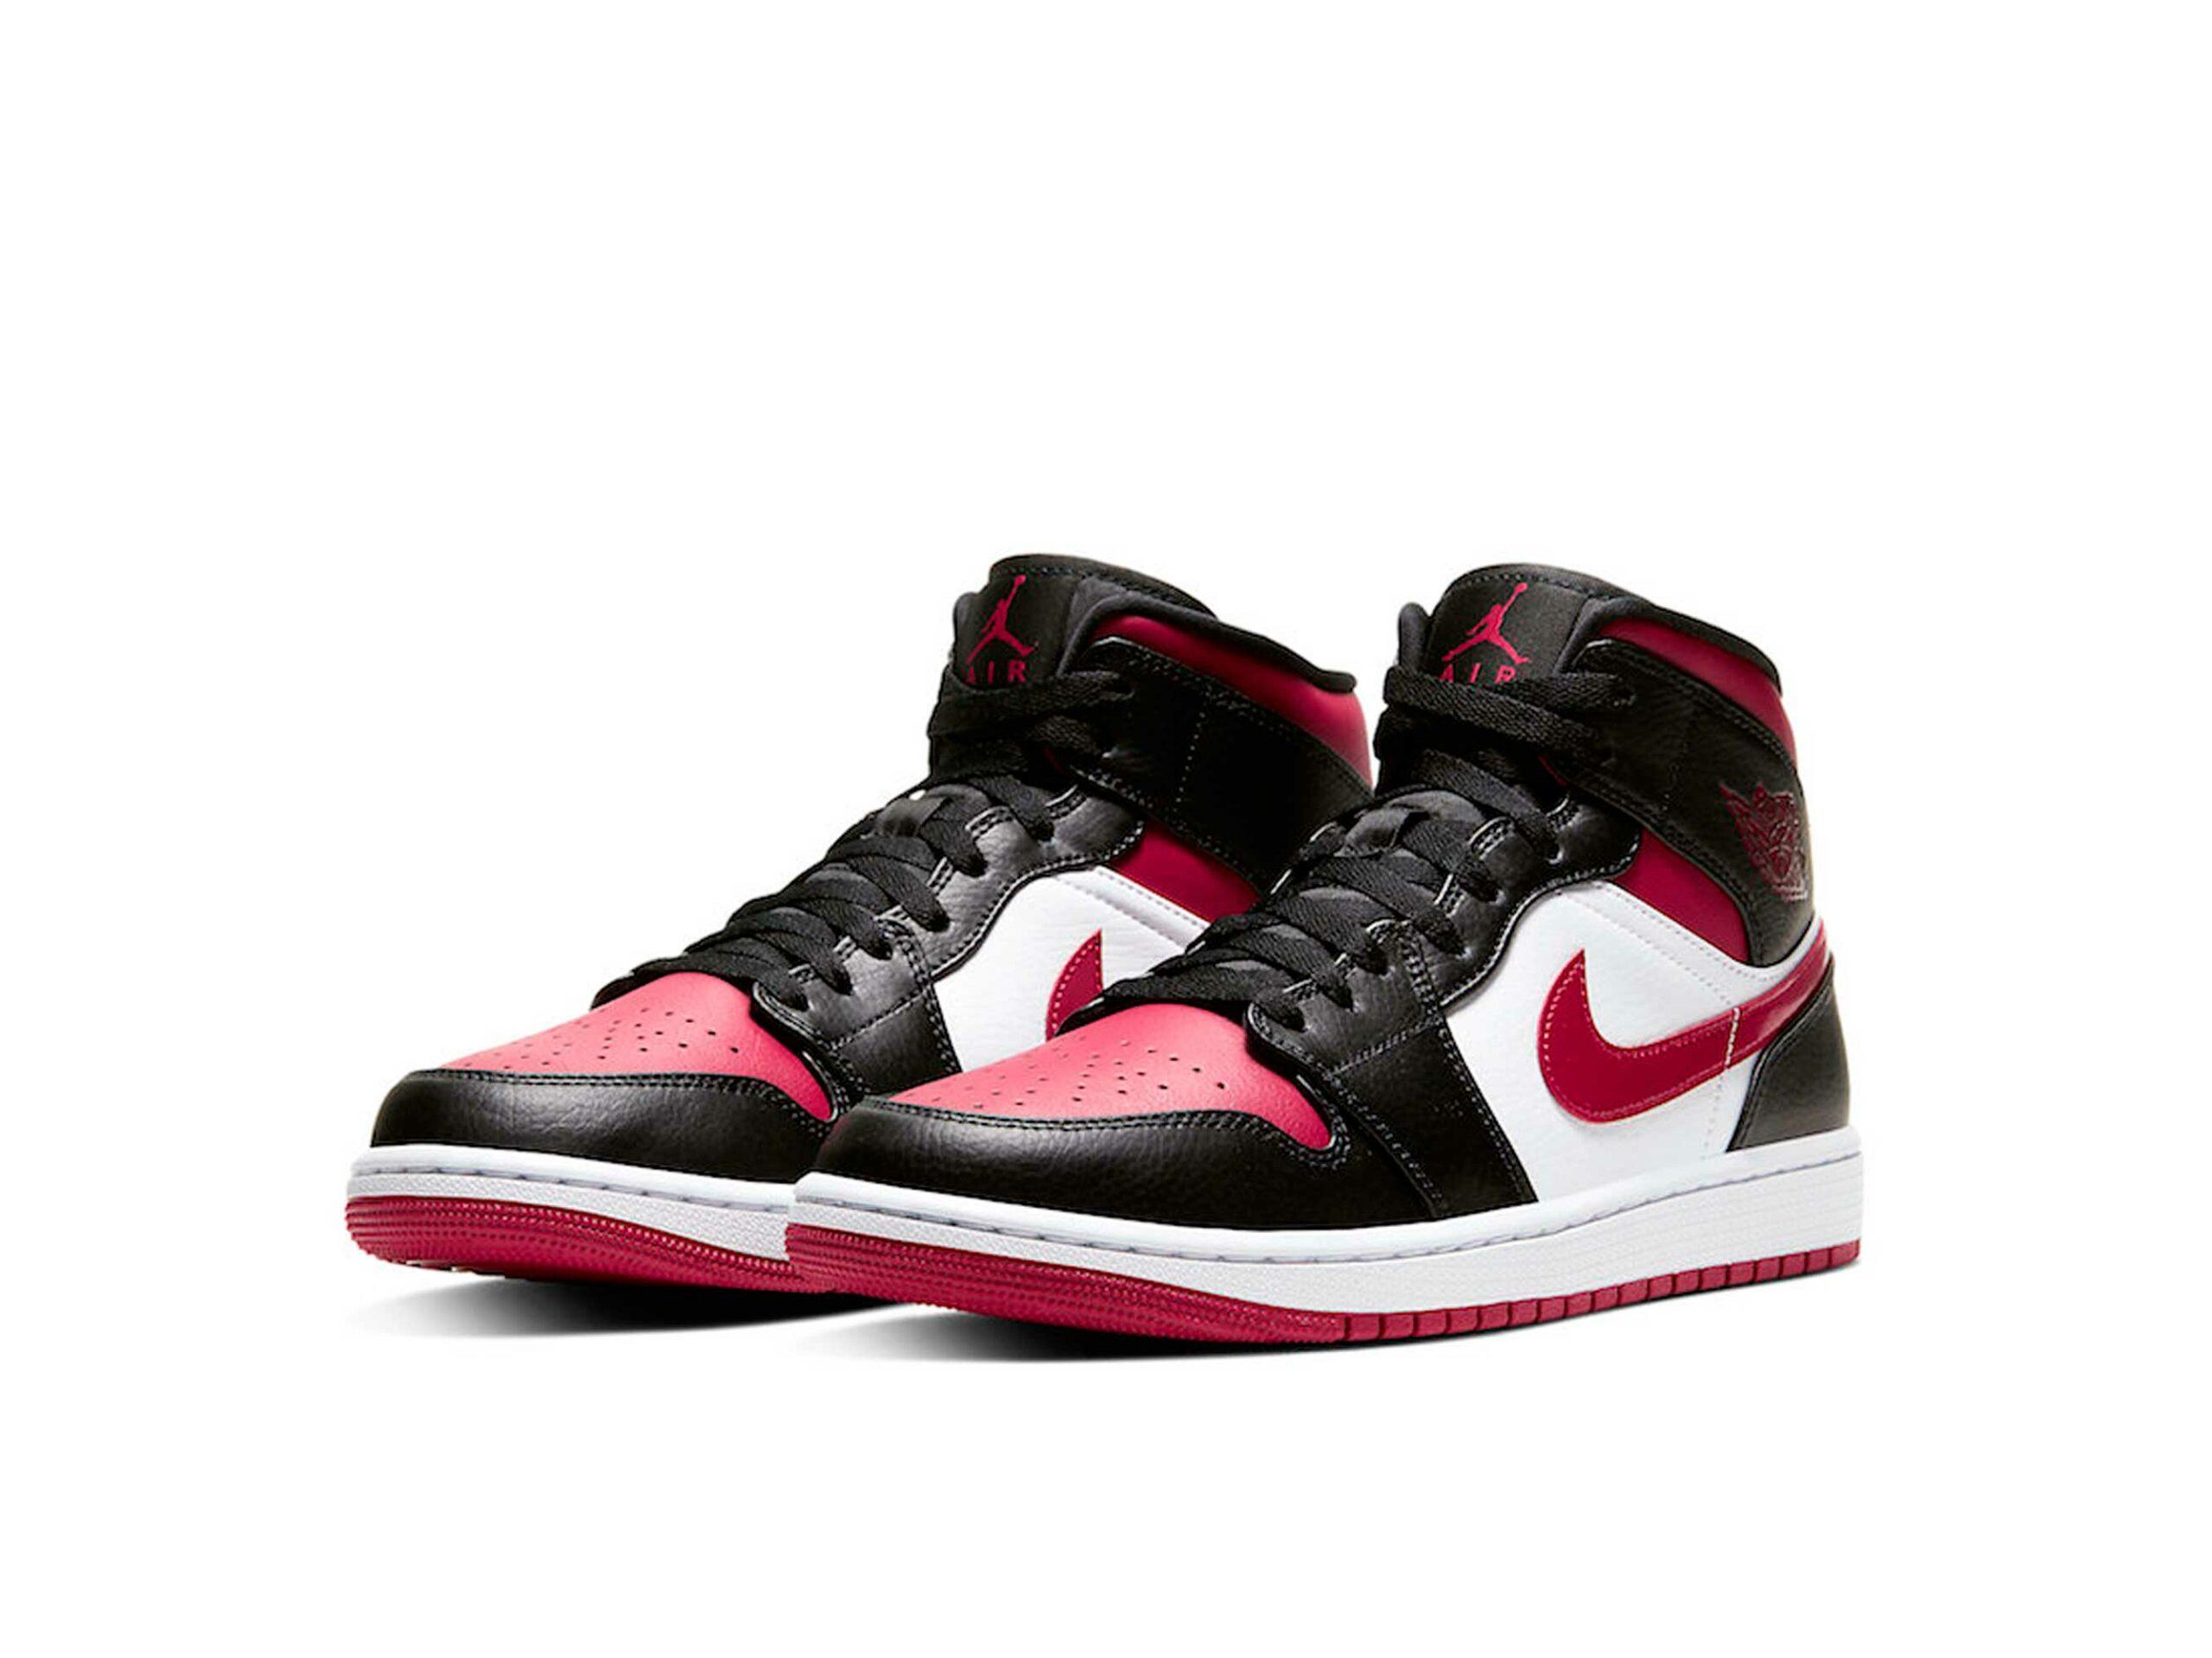 nike air Jordan 1 black noble red 554724_066 купить